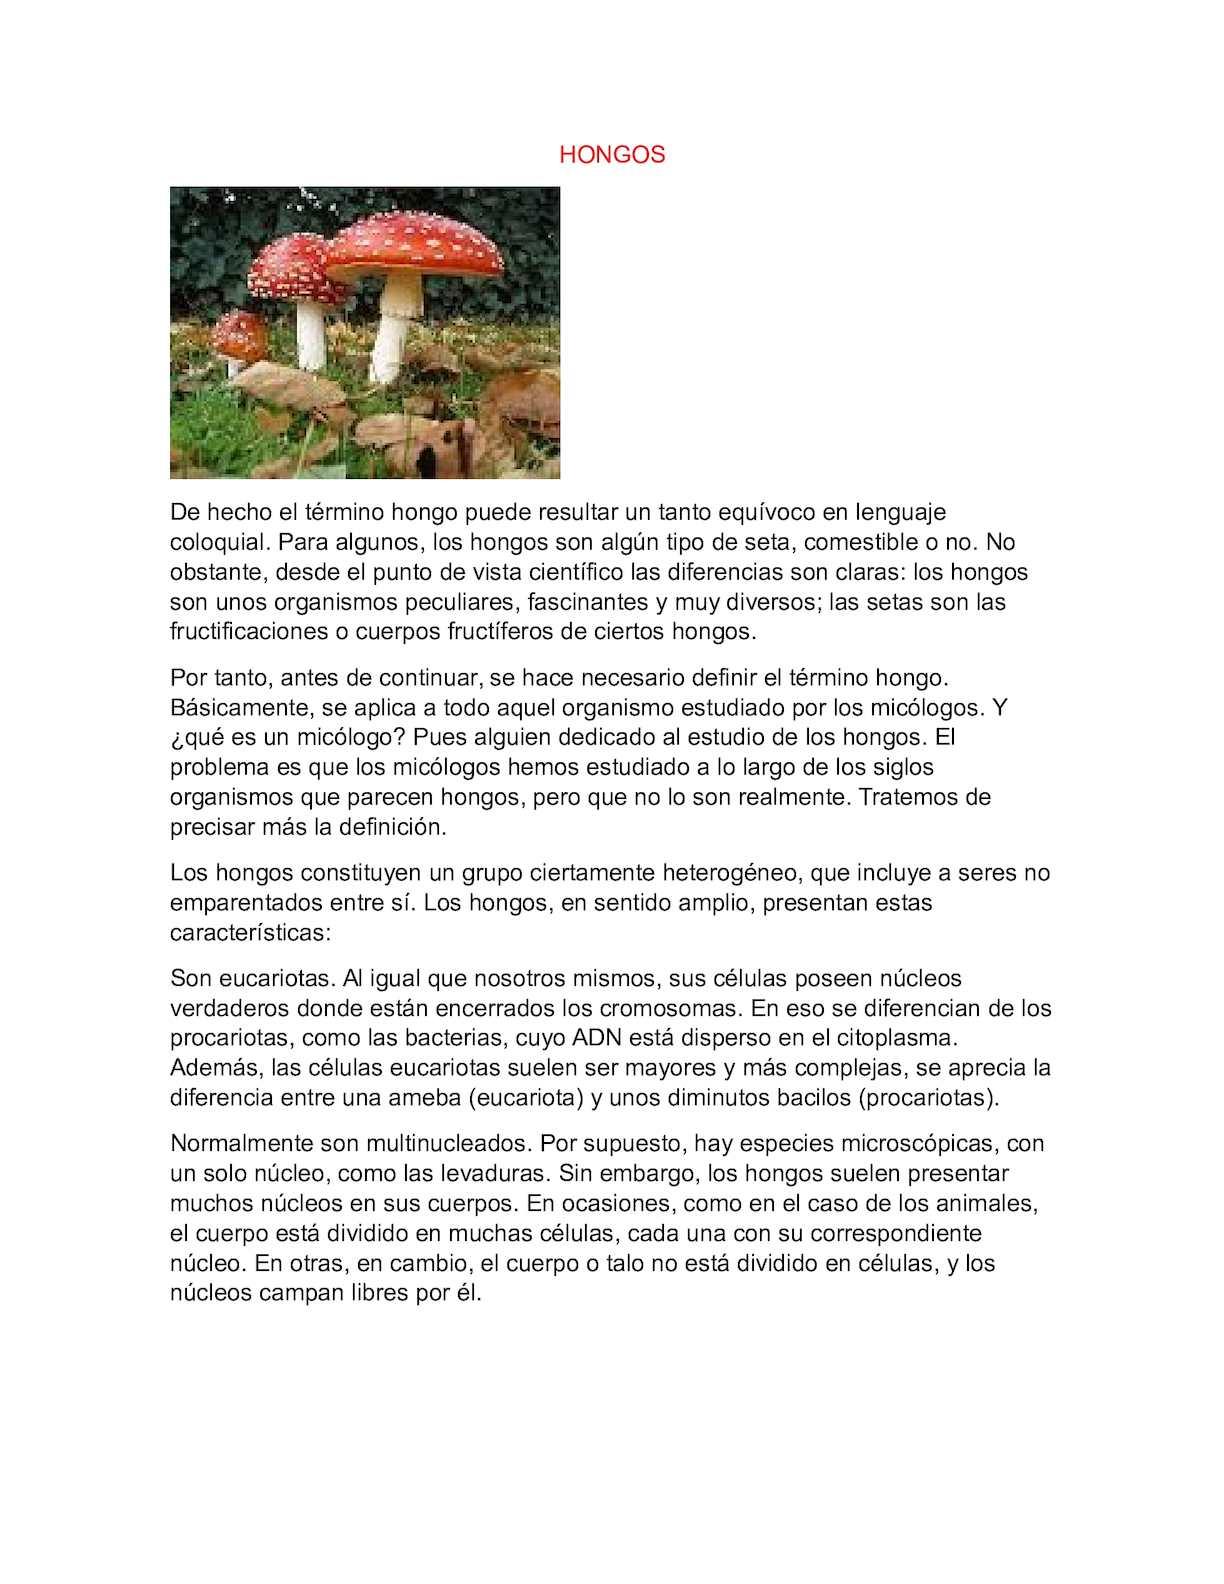 definicion de hongos en el cuerpo humano